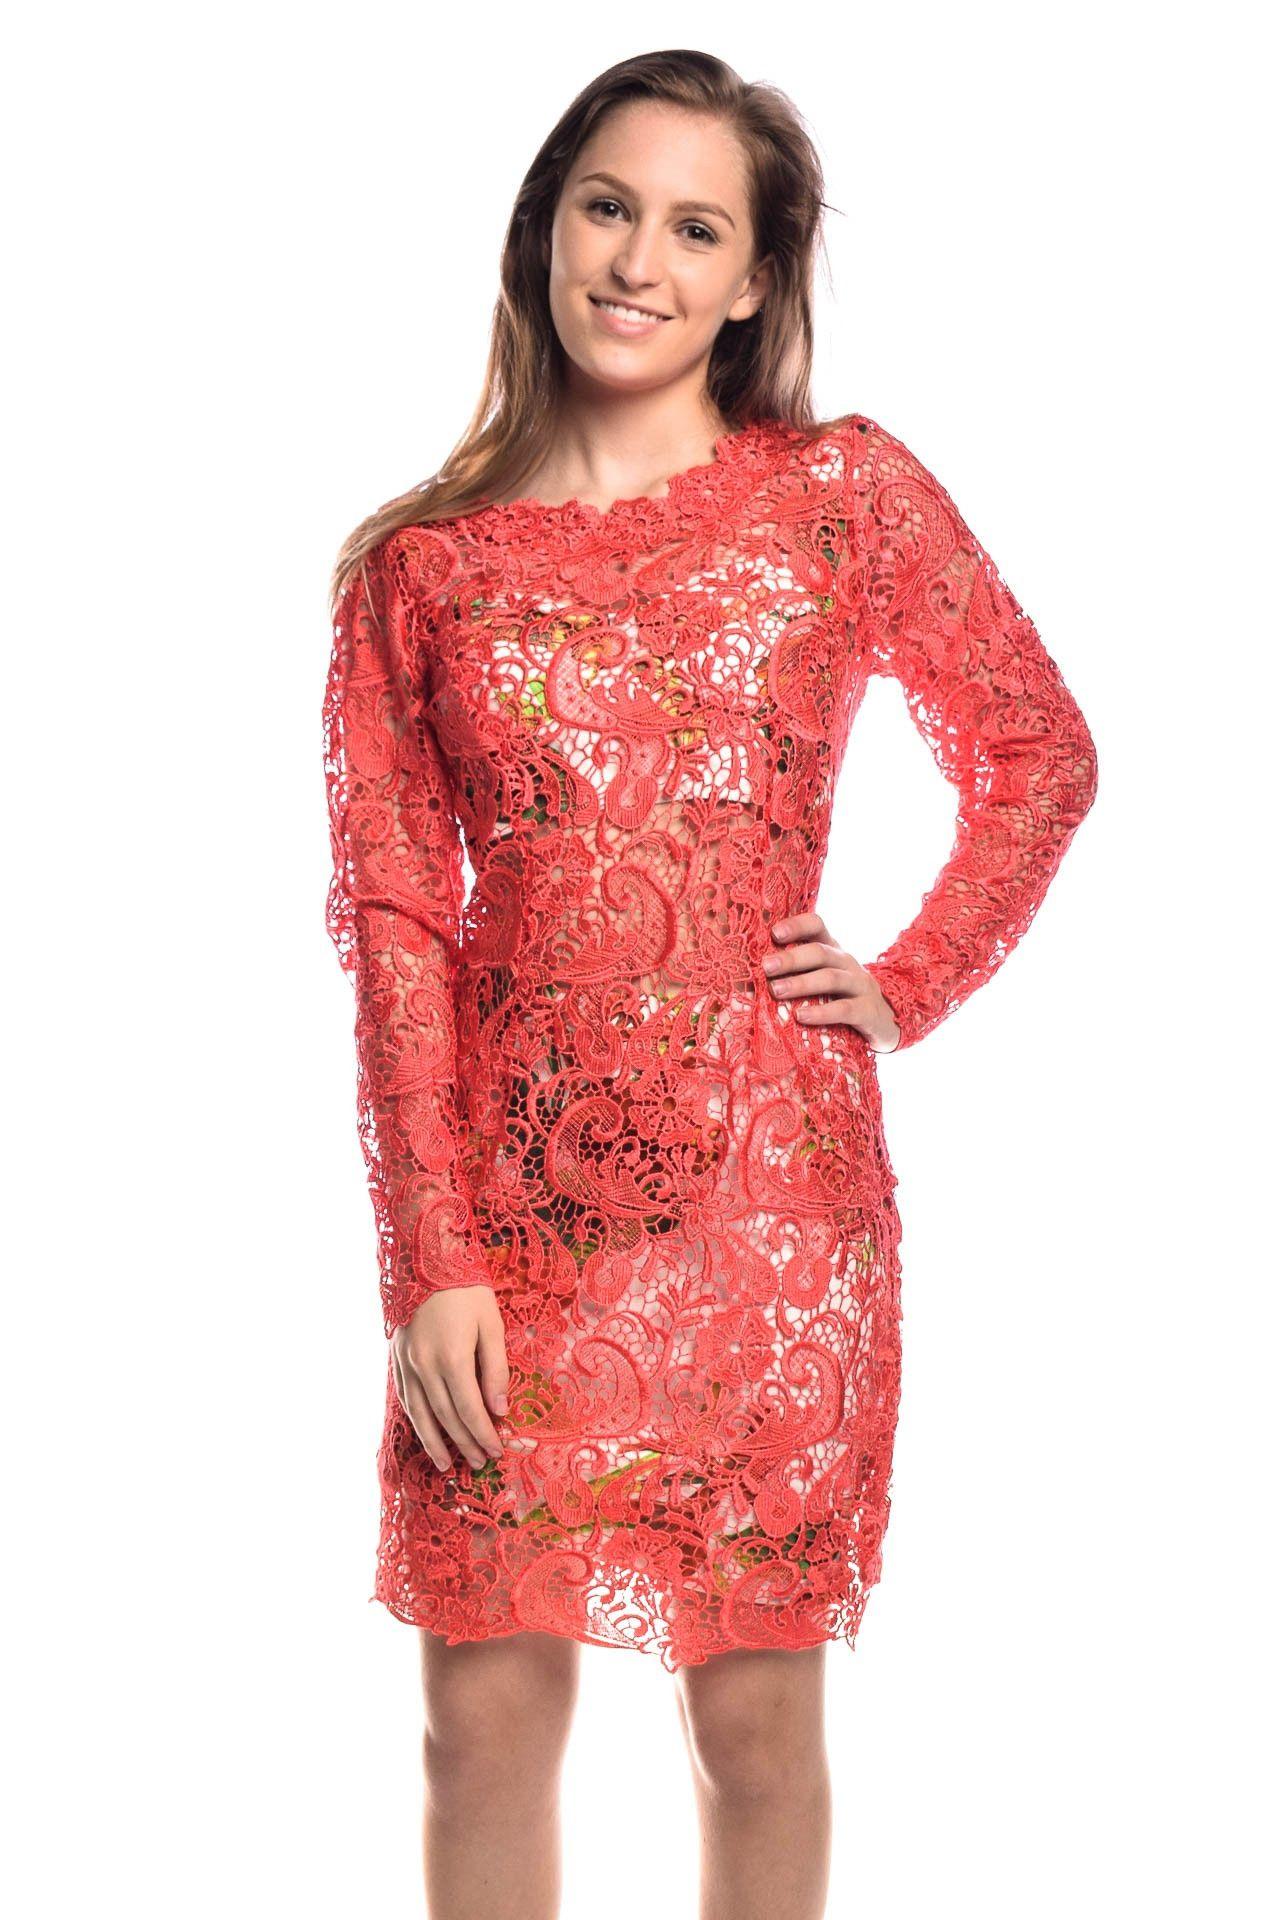 Fabulous Agilità - Conjunto Vestido Renda Coral - Foto 1